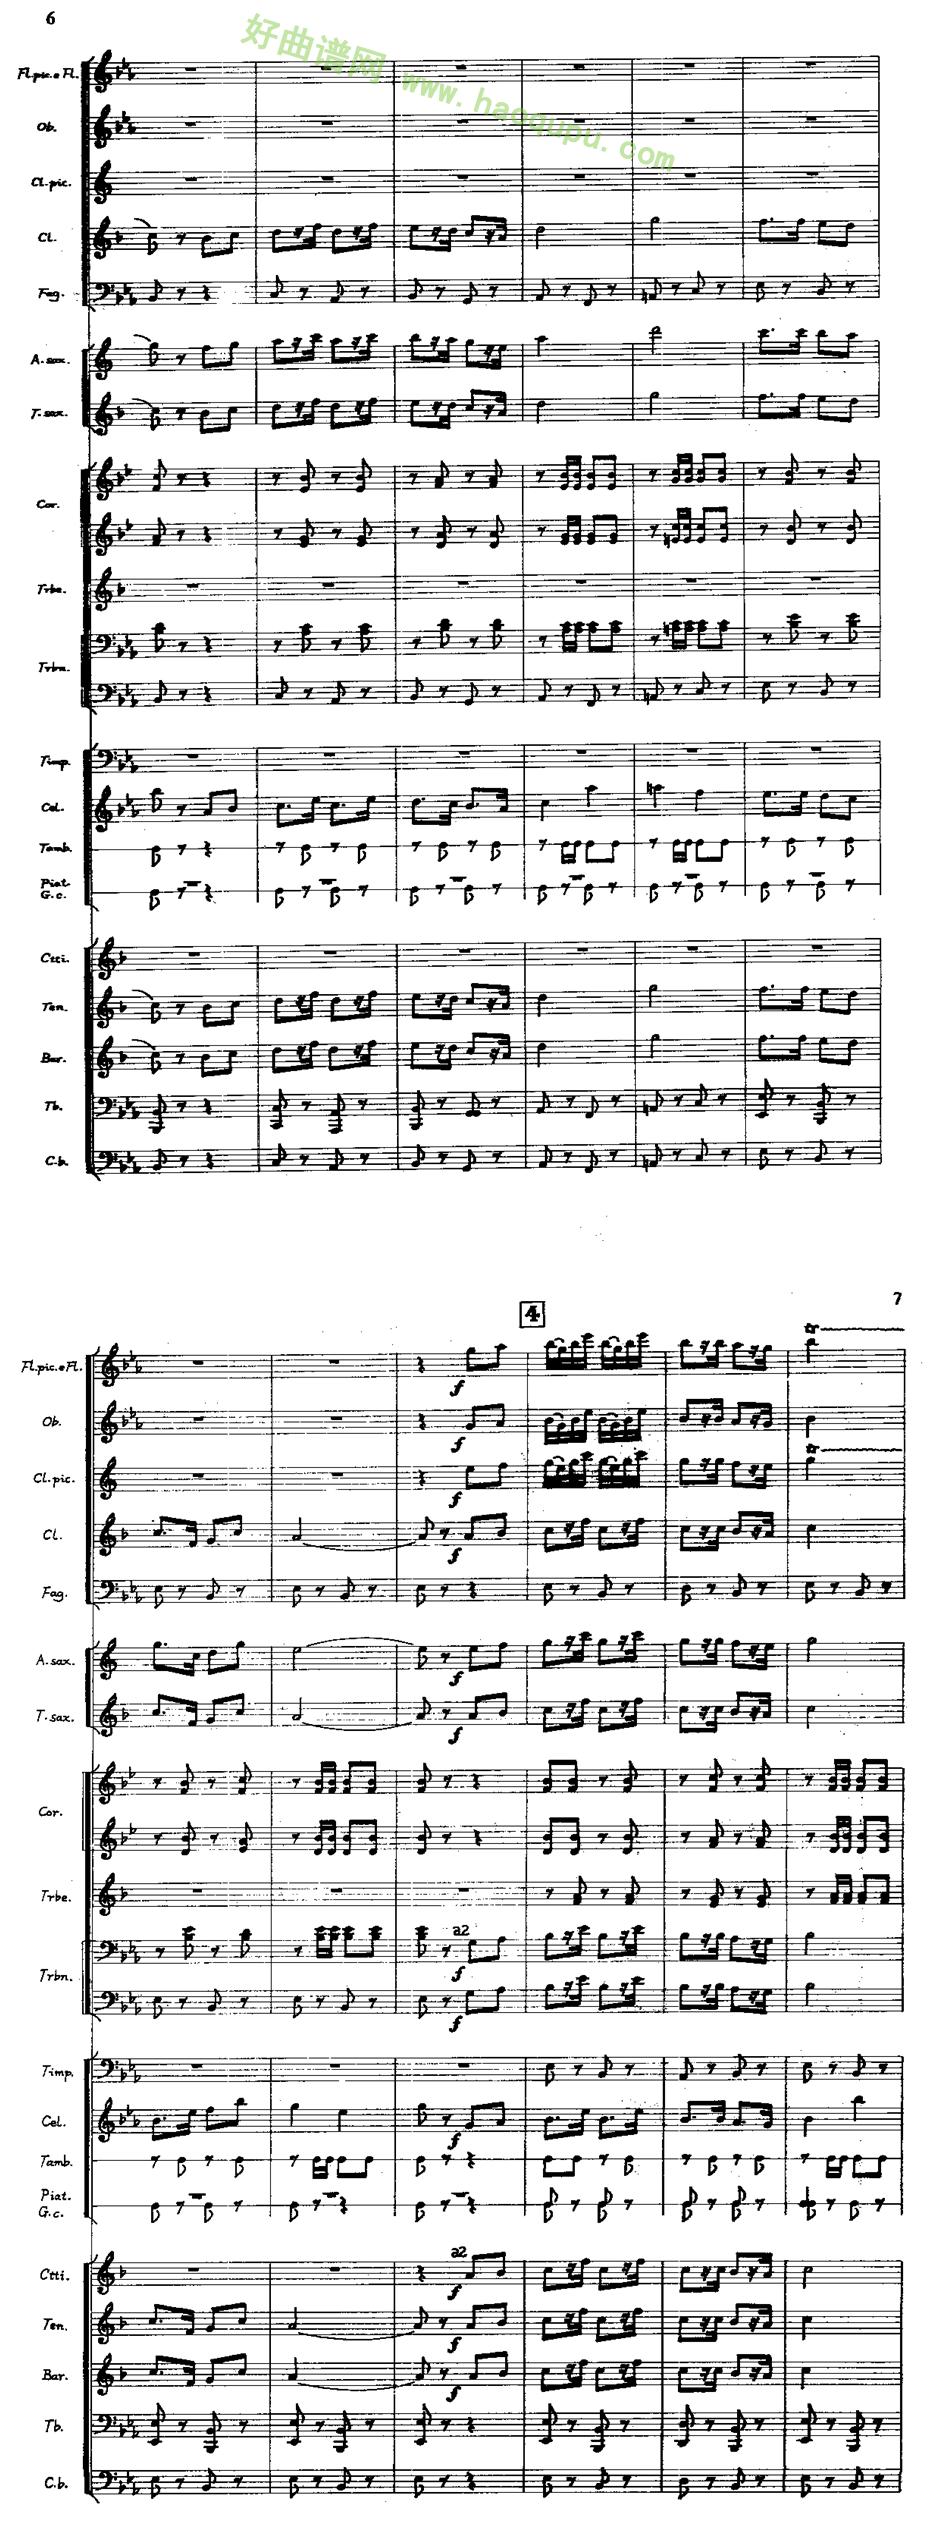 《军威进行曲》(军乐)(线谱)管乐总谱第3张